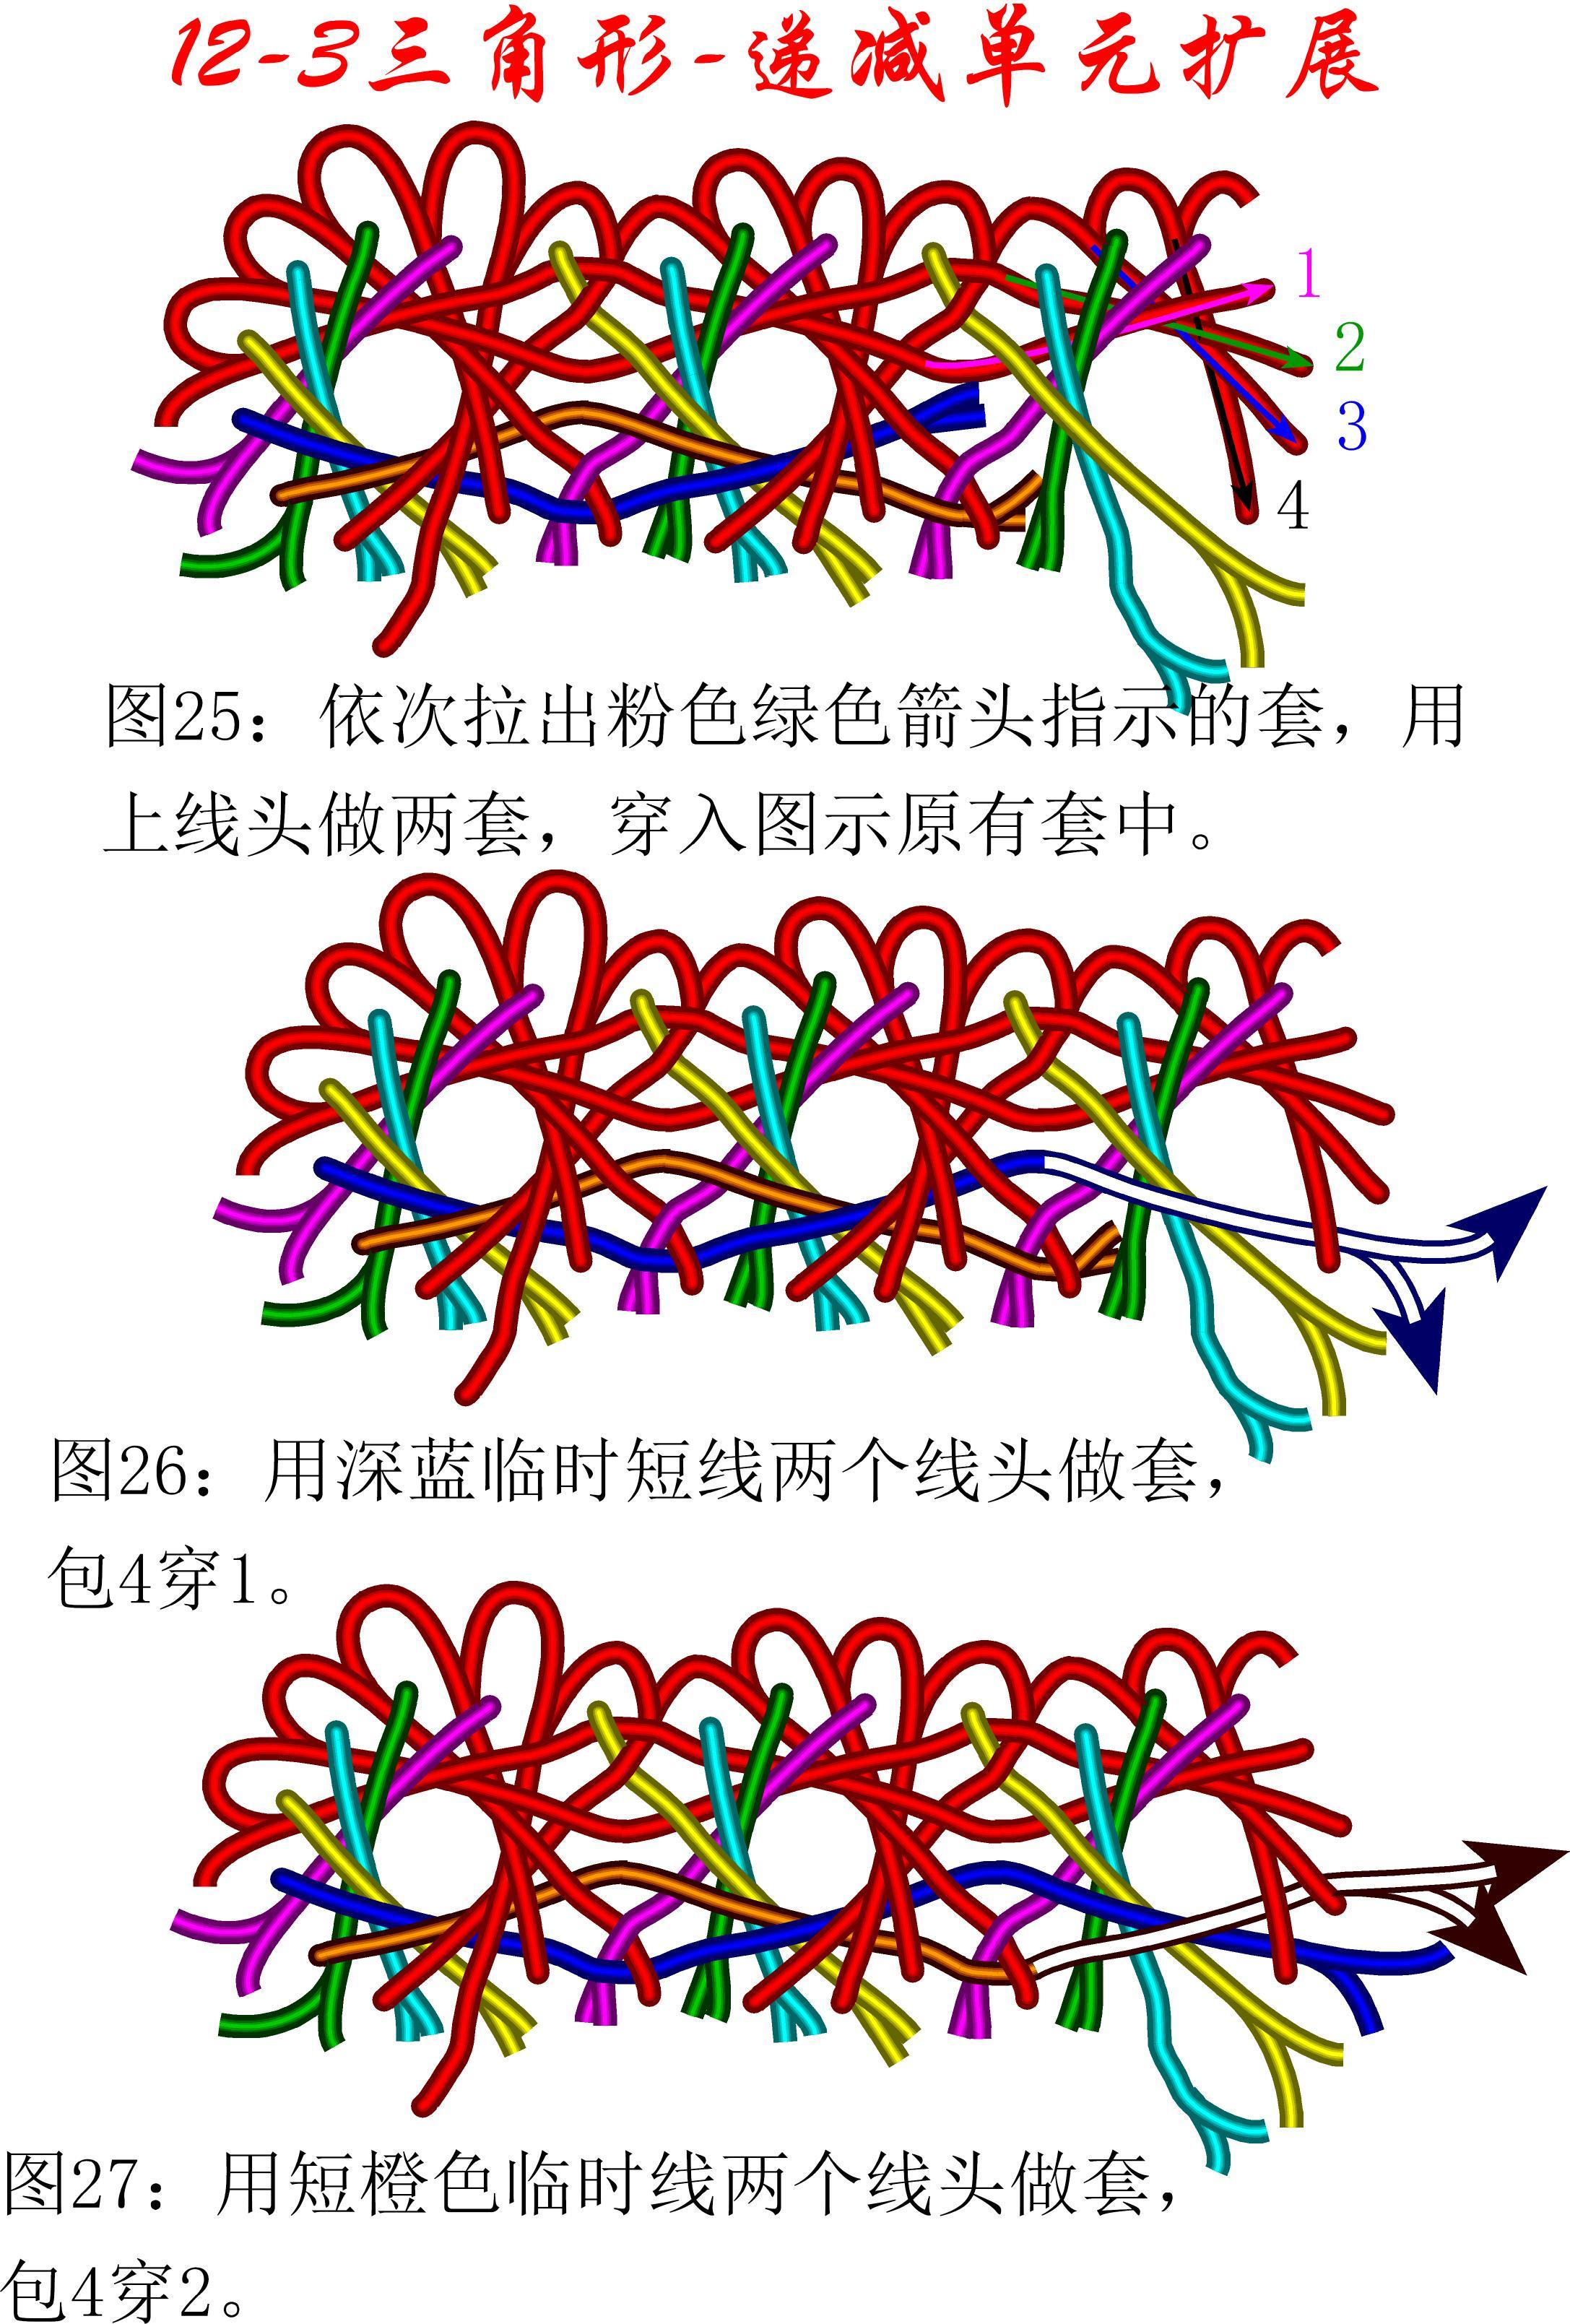 中国结论坛 12-3盘长减少单元扩展方法---三角盘长徒手教程 教程,基本单元,存储器扩展单元,星三角 丑丑徒手编结 174548sgcyr0msj2s7fdyy